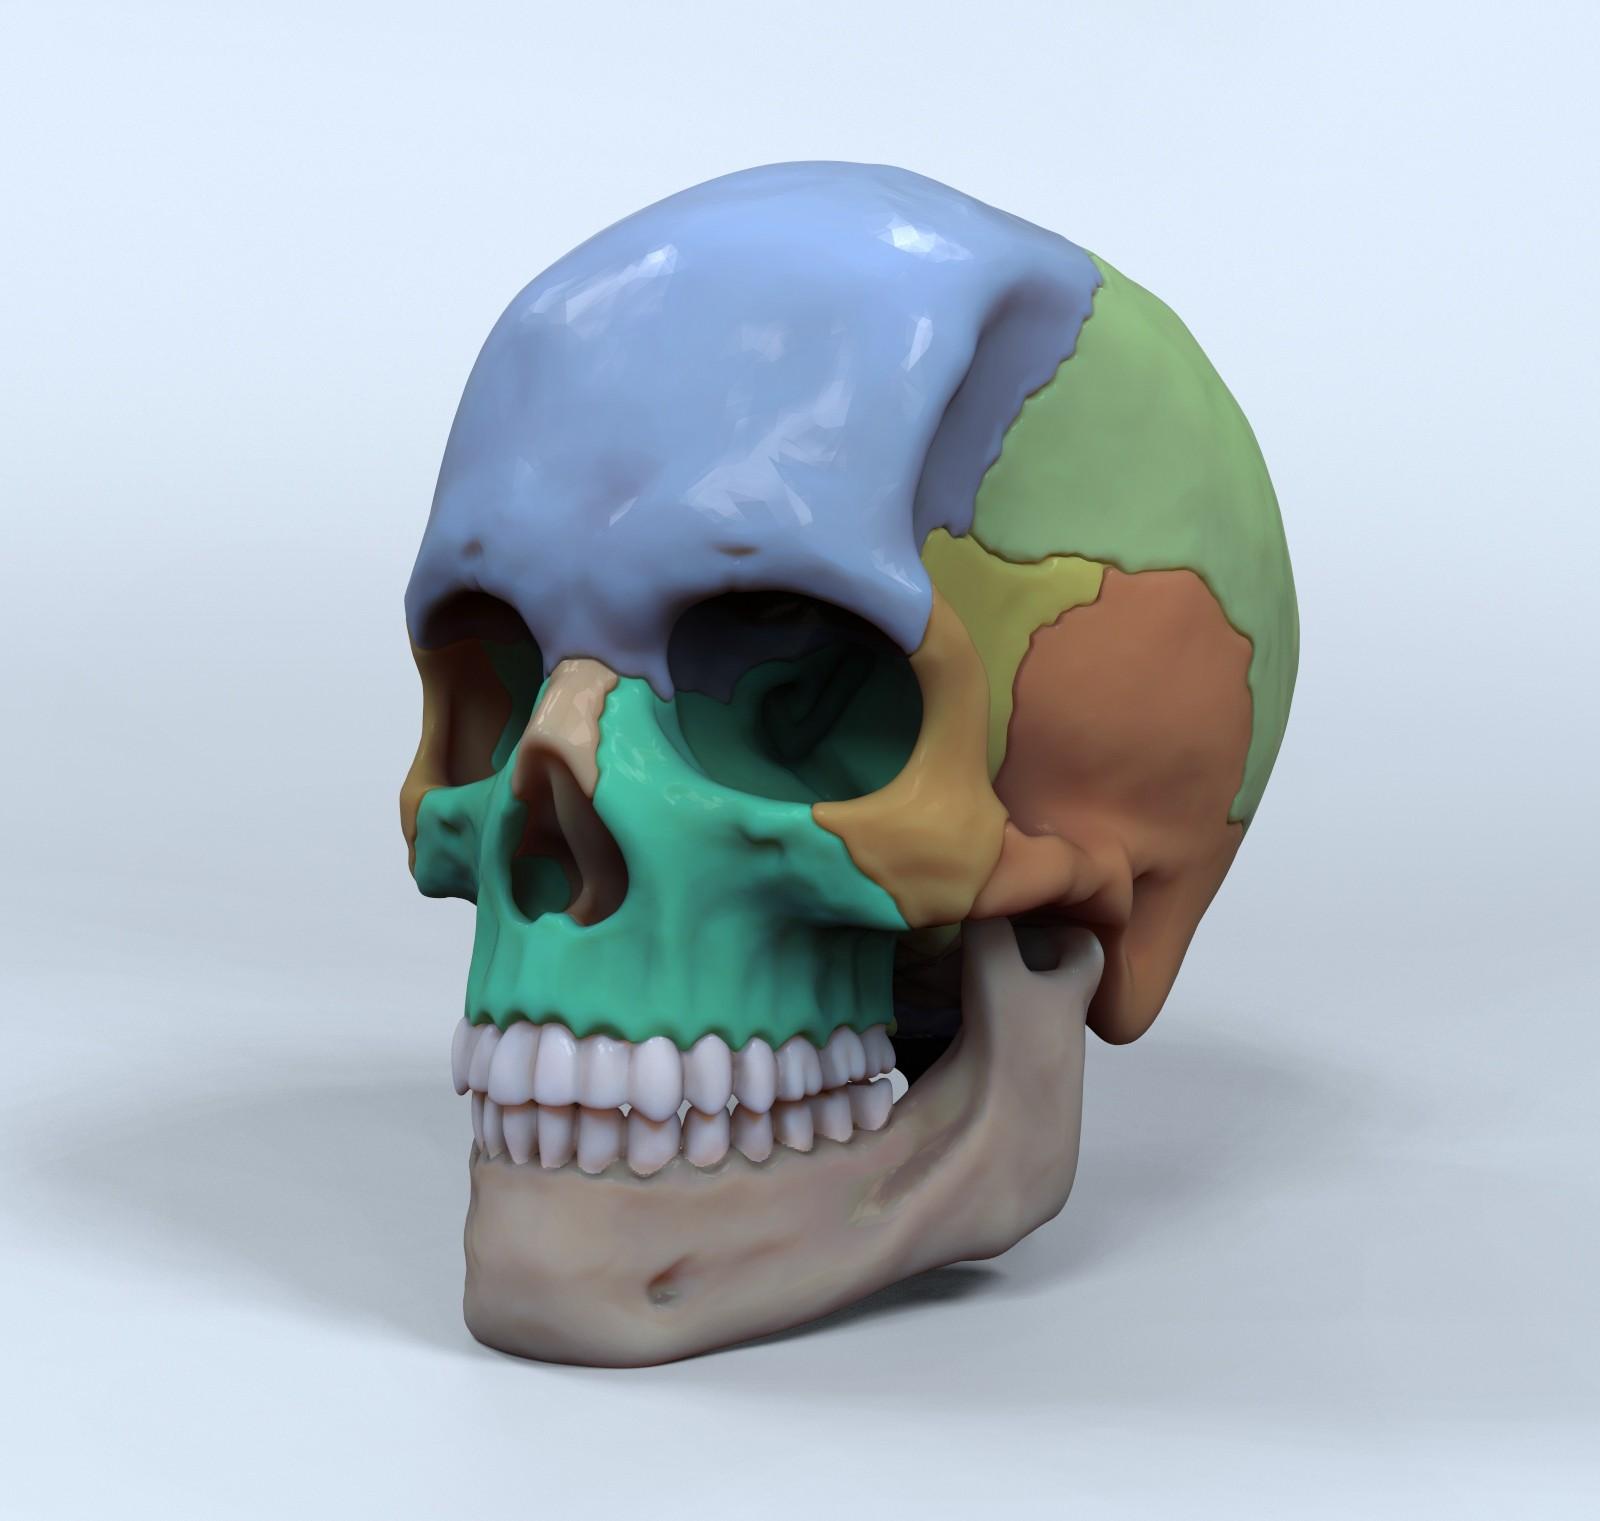 Hector moran skull renders 3